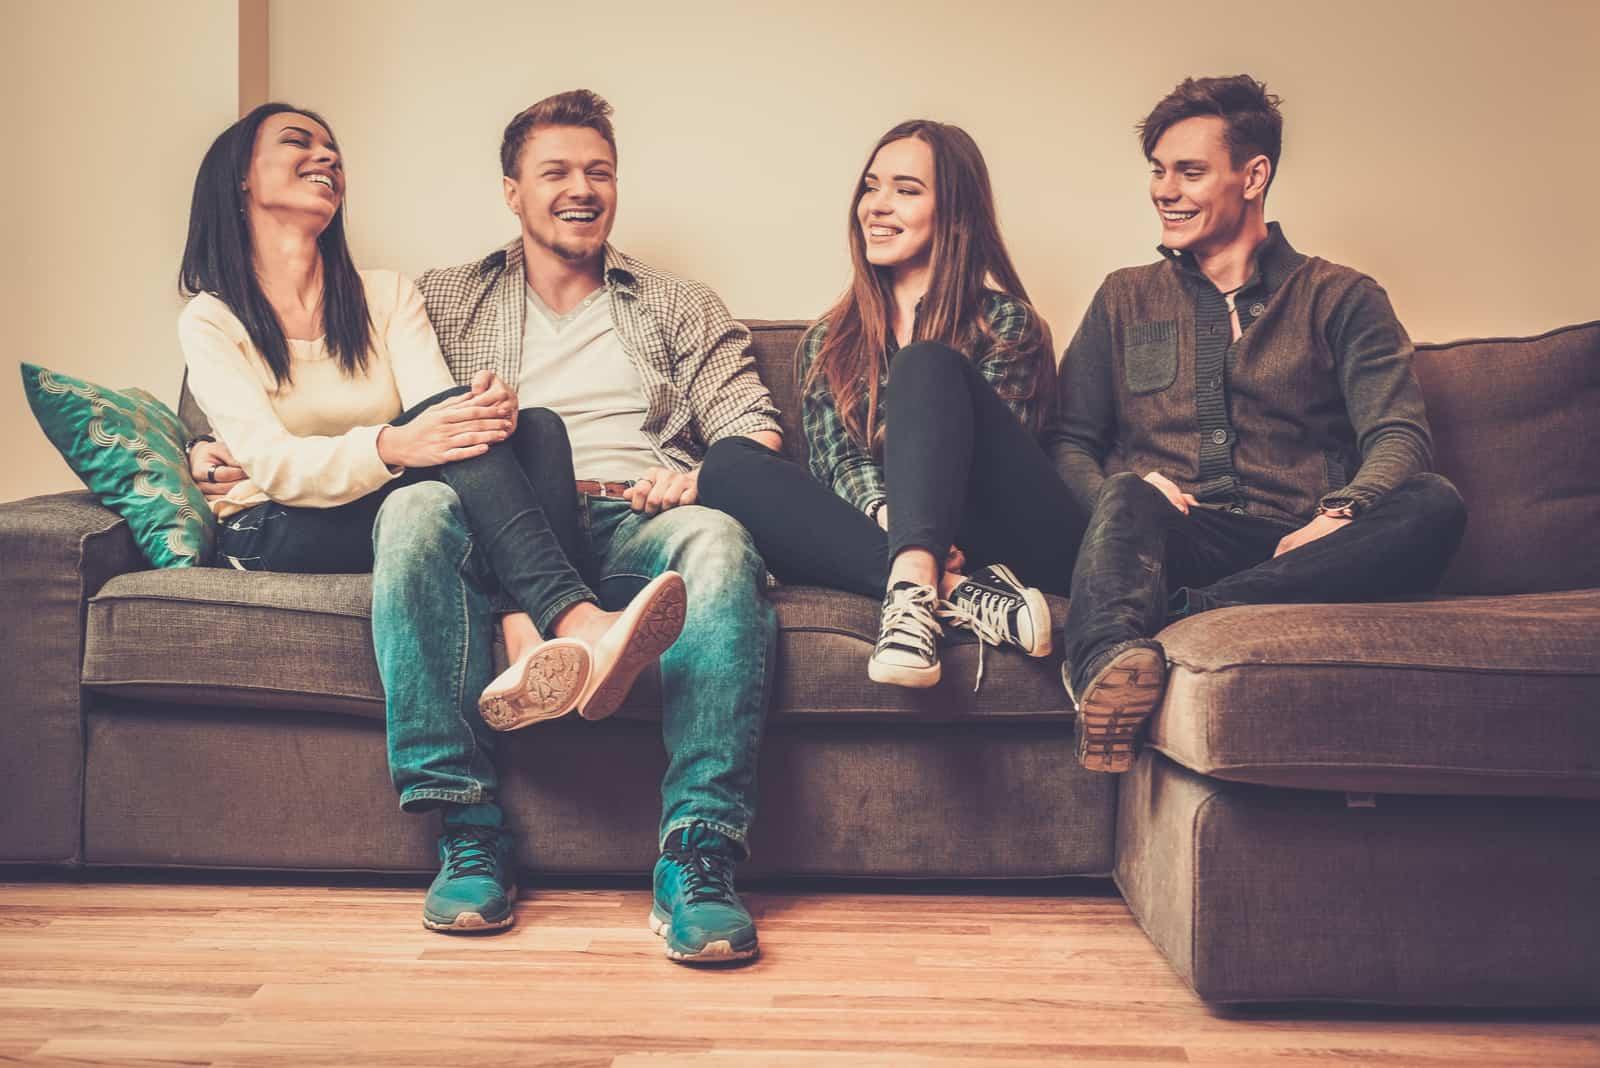 vänner som sitter på en soffa